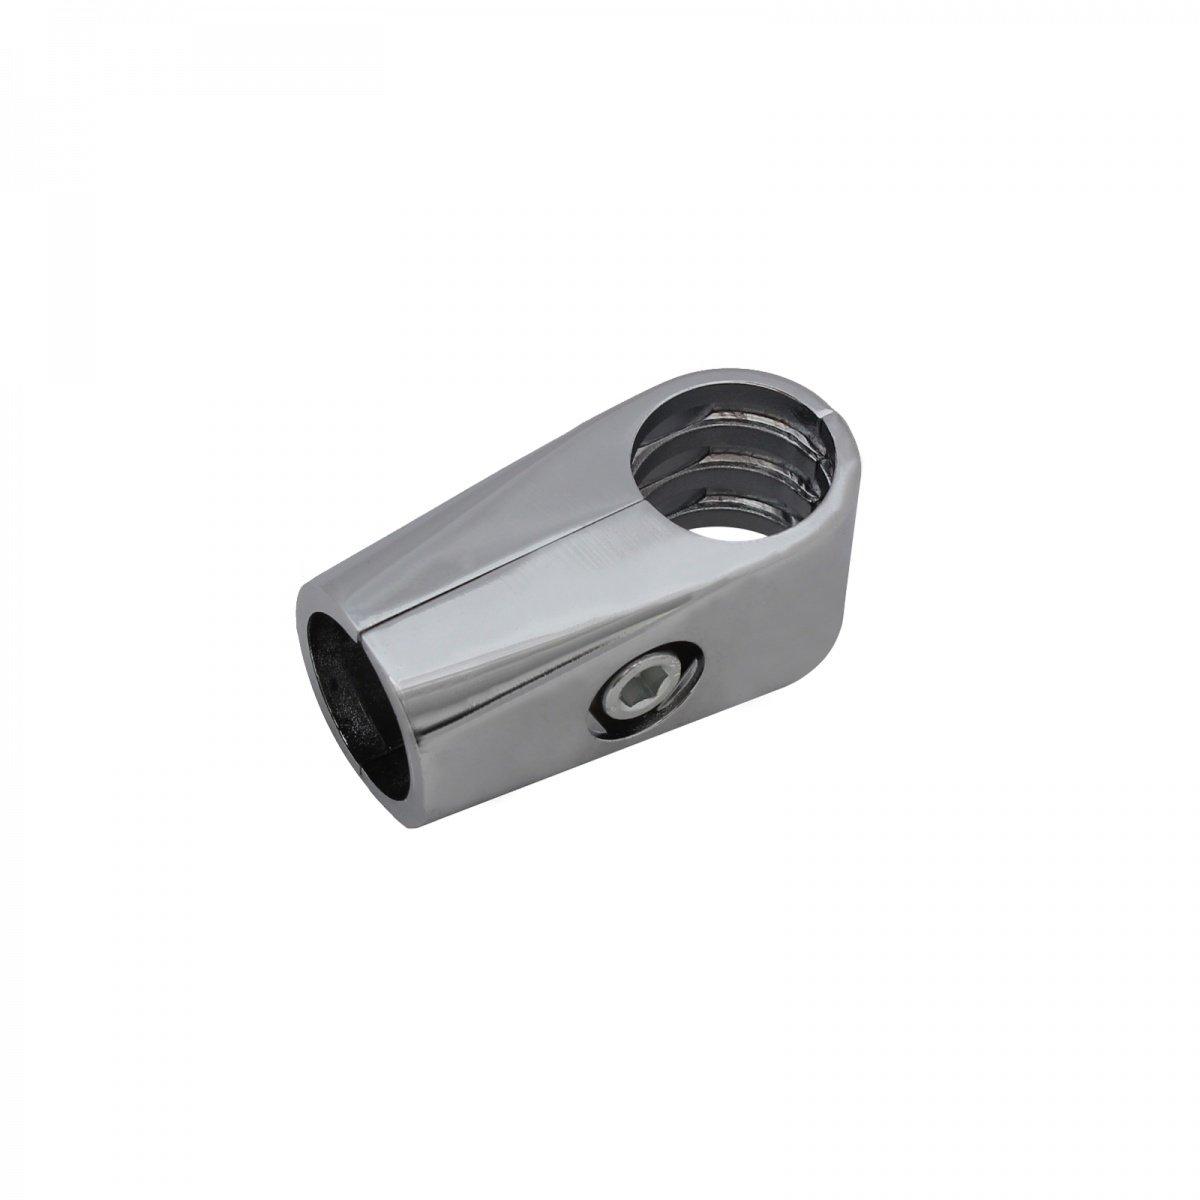 T-St/ück 90/° 25mm Chrom Rohrverbinder Relingverbinder Reling Beschlag Stangen Verbindung 2-01